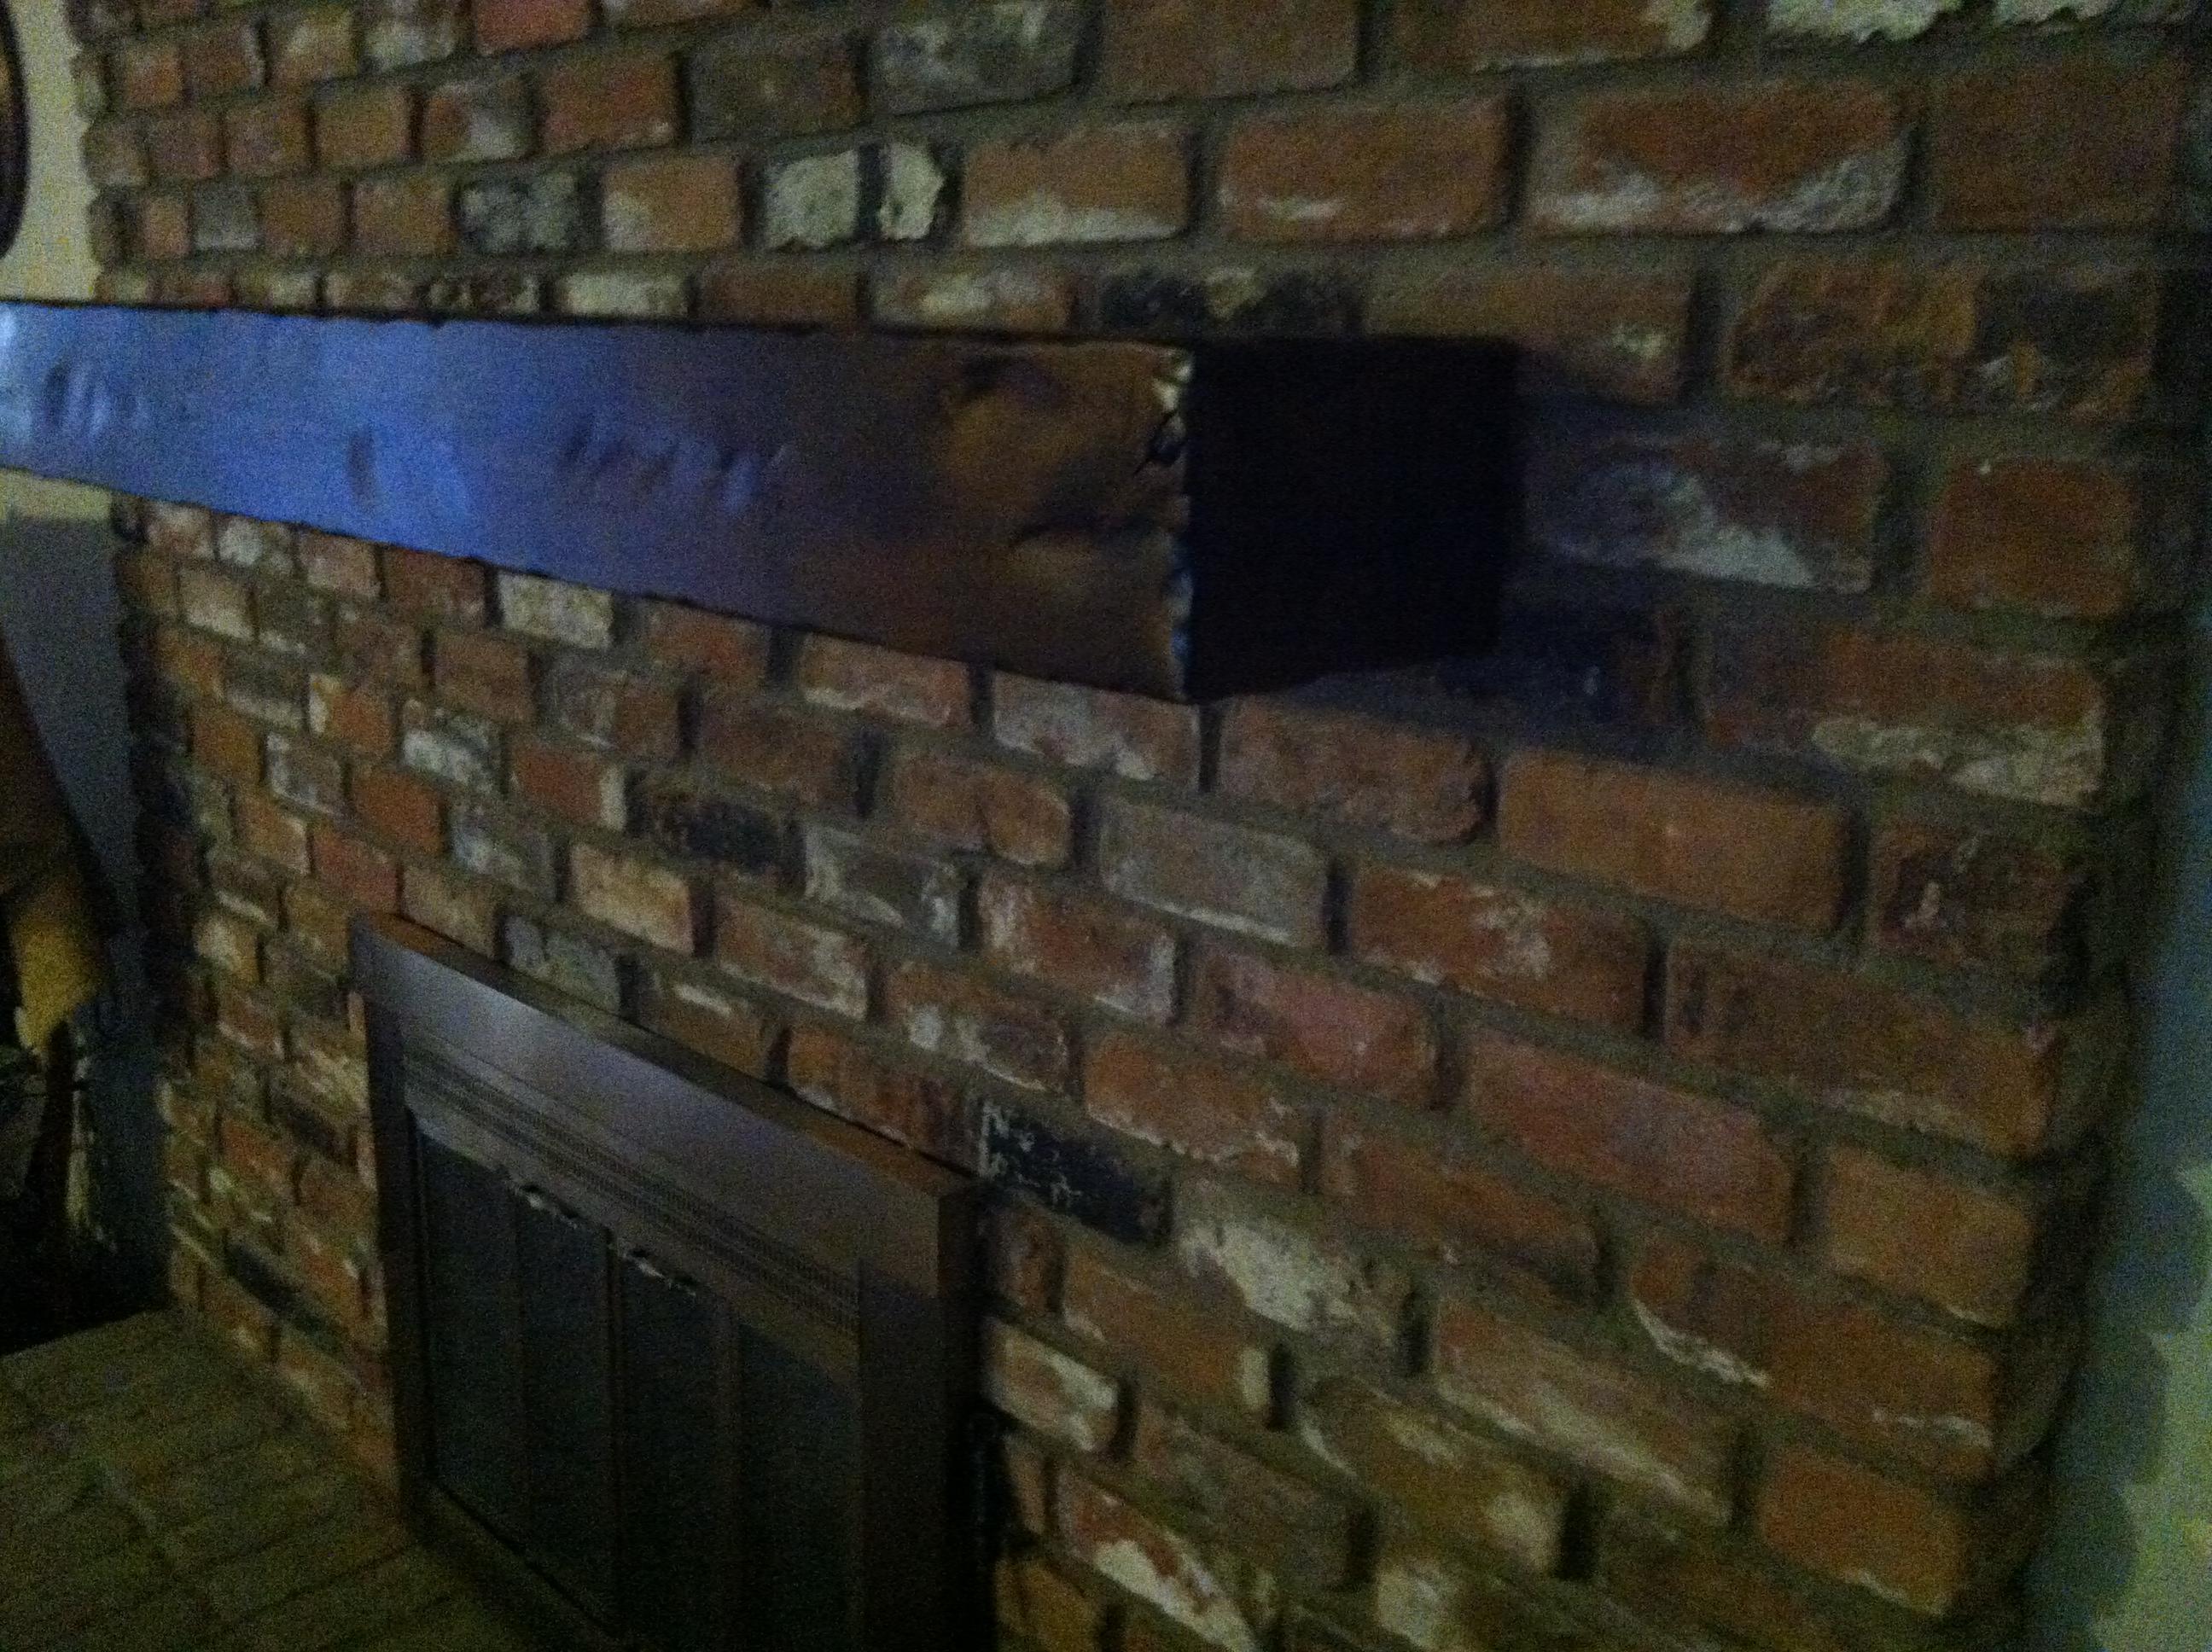 Fire place Mantel 4